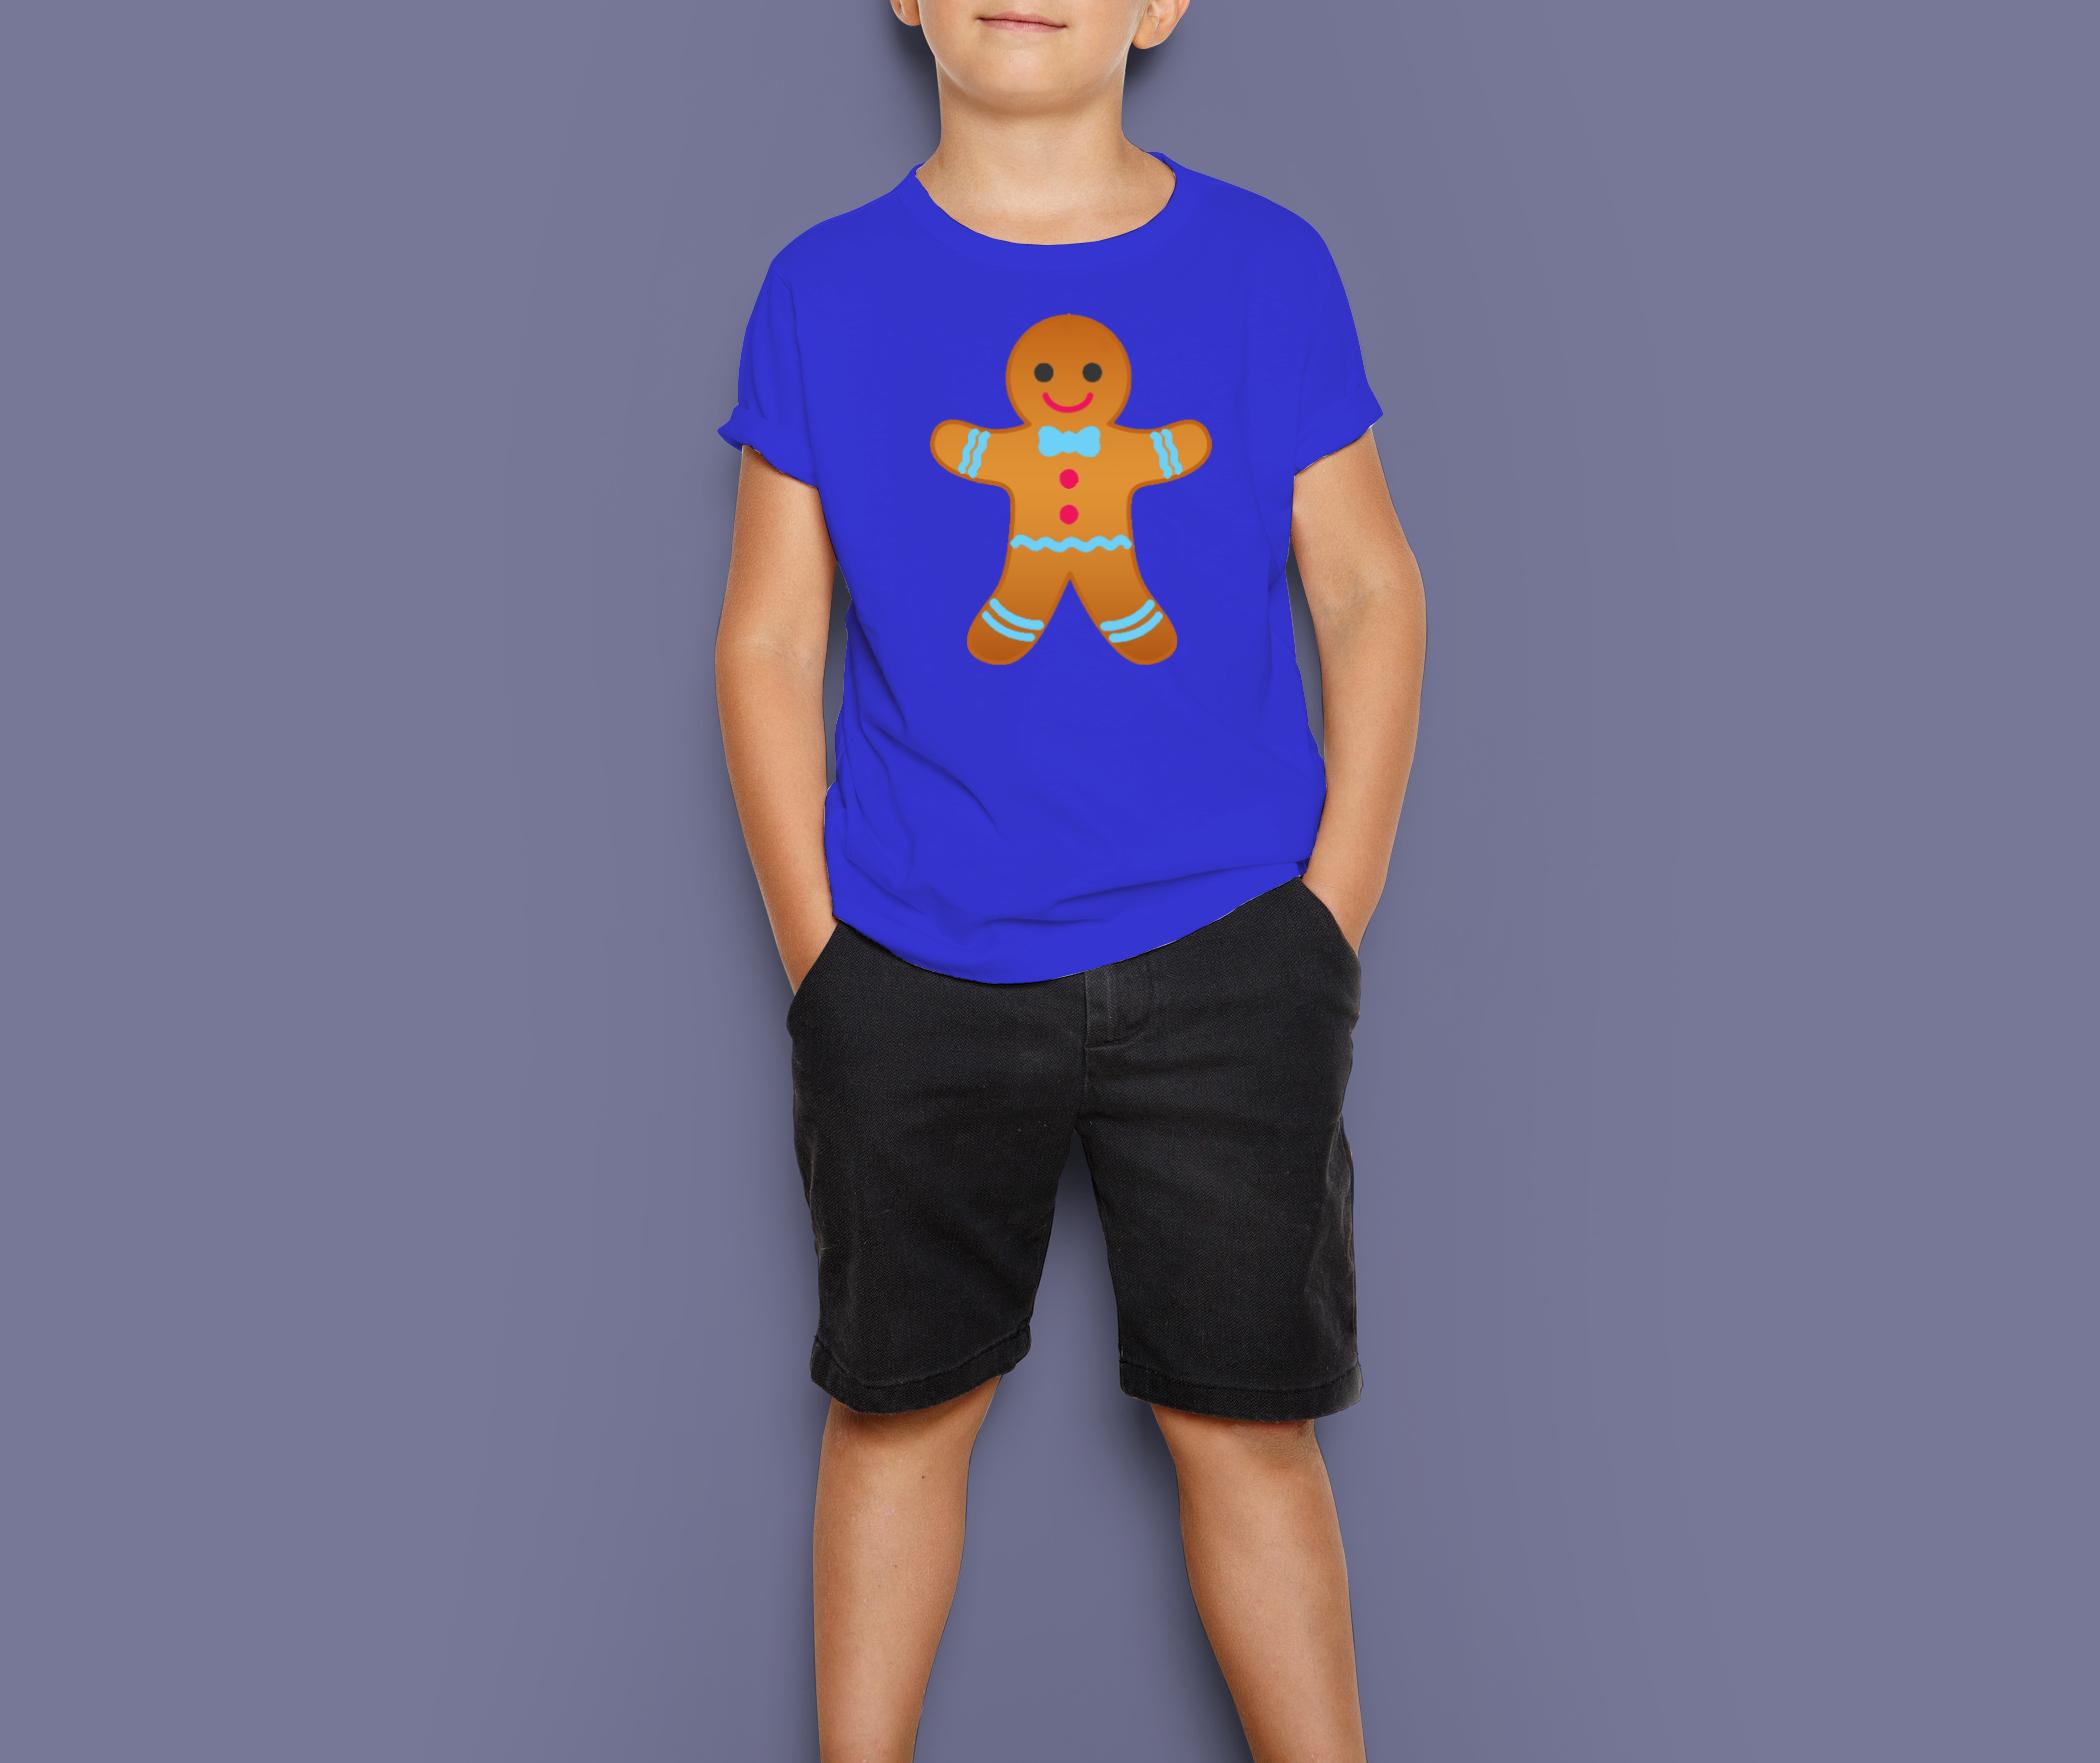 gingerbread boy model BLUE Tee